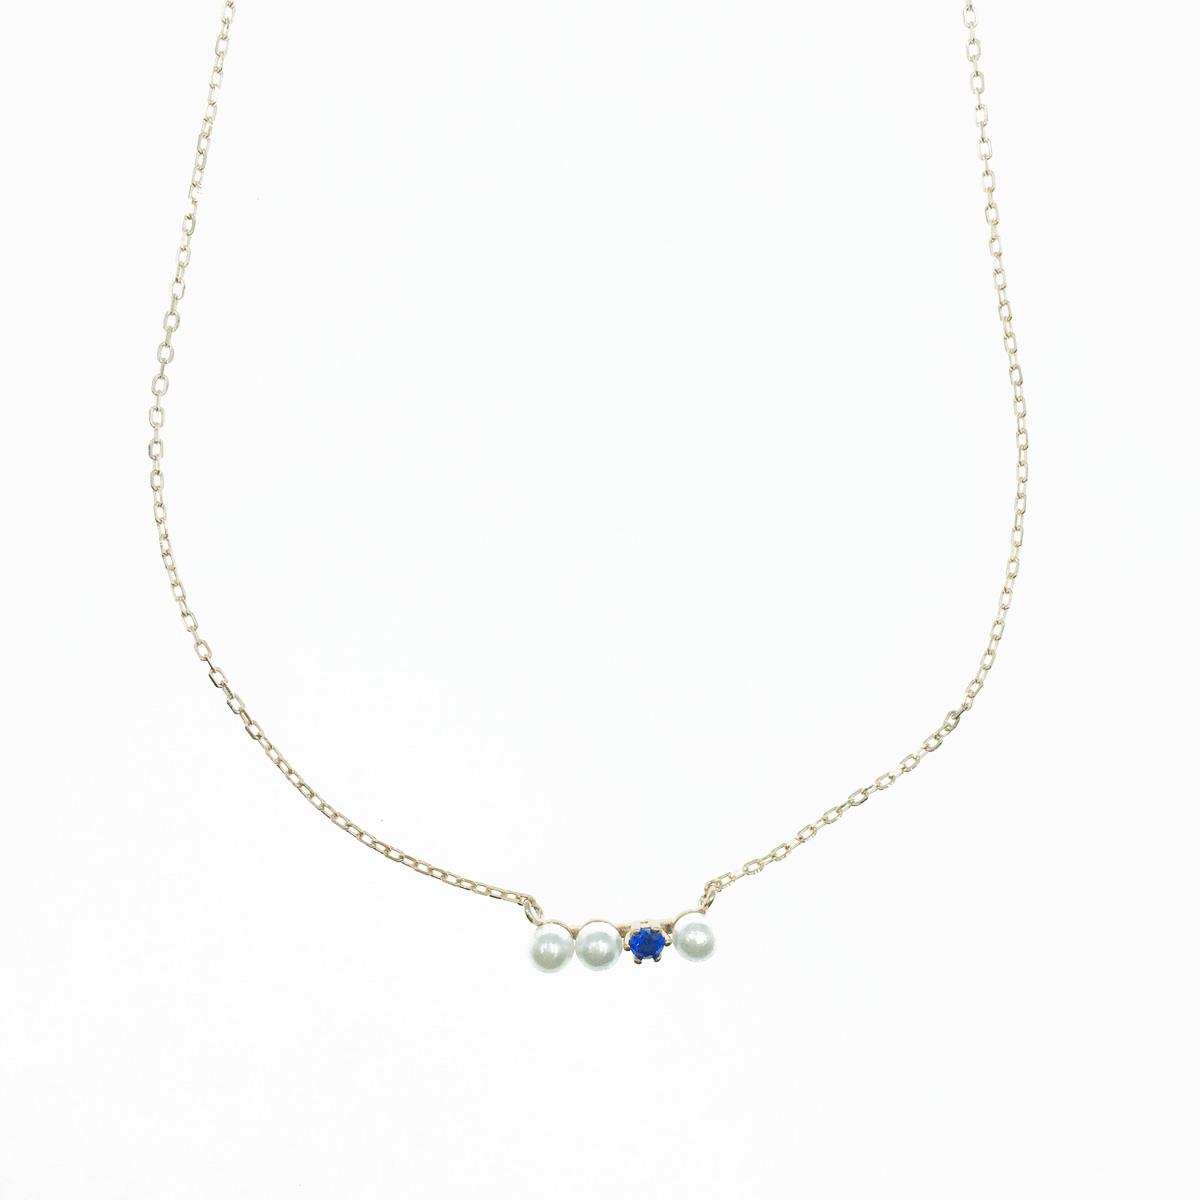 韓國 925純銀 珍珠 藍水鑽 玫瑰金 質感 項鍊